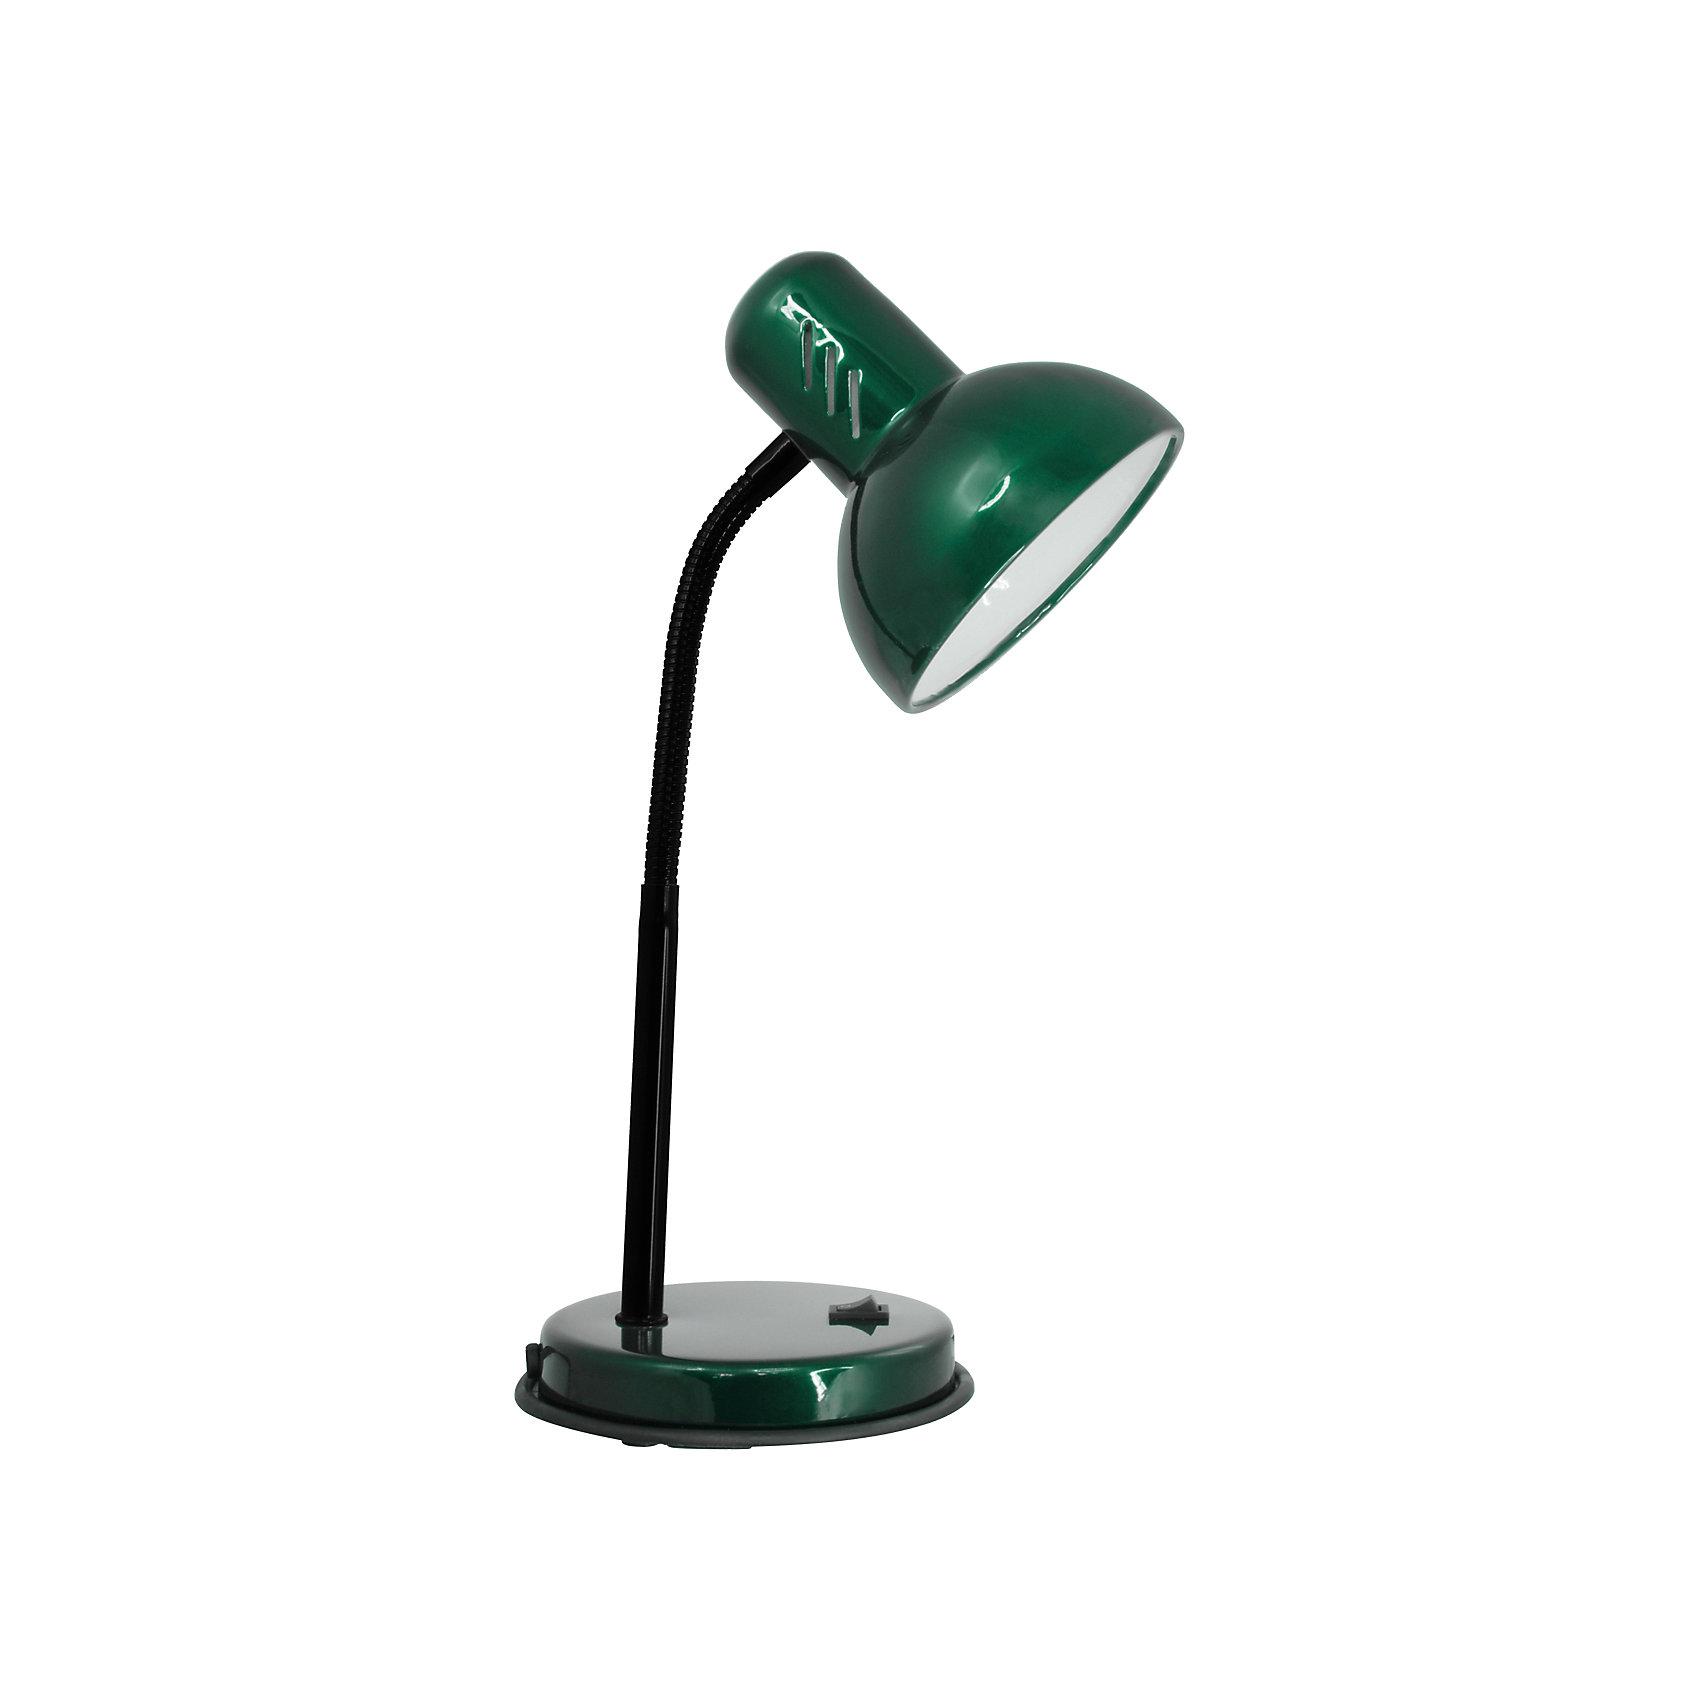 Зеленый перламутровый светильник, 40 ВтЗеленый перламутровый светильник, 40 Вт – это классический светильник для освещения рабочего стола.<br>Зеленый перламутровый светильник классического дизайна идеально подойдет для освещения рабочего места дома и в офисе. Плафон изготовлен из облегчённого металла, покрыт специальной устойчивой эмалью. Патрон светильника прочно закреплён, изготовлен из керамики. Сетевой шнур с вилкой длиной 1,8м. имеет двойную изоляцию, не требует заземления. Вилка изготовлена из пластичного материала, предотвращающего появление трещин. Светильник удобен и практичен в использовании.<br><br>Дополнительная информация: <br><br>- Материал плафона: металл<br>- Цвет: зеленый перламутровый<br>- Питание: от сети 220В<br>- Тип цоколя: E27<br>- Мощность лампы: 40 Вт<br>- Длина шнура питания с вилкой: 1,8 м.<br>- Размер светильника: 16х30х13,3 см.<br>- Размер упаковки: 26х22,5х16,3 см.<br>- Вес: 860 гр.<br><br>Зеленый перламутровый светильник, 40 Вт можно купить в нашем интернет-магазине.<br><br>Ширина мм: 260<br>Глубина мм: 225<br>Высота мм: 163<br>Вес г: 860<br>Возраст от месяцев: 36<br>Возраст до месяцев: 192<br>Пол: Унисекс<br>Возраст: Детский<br>SKU: 4641466